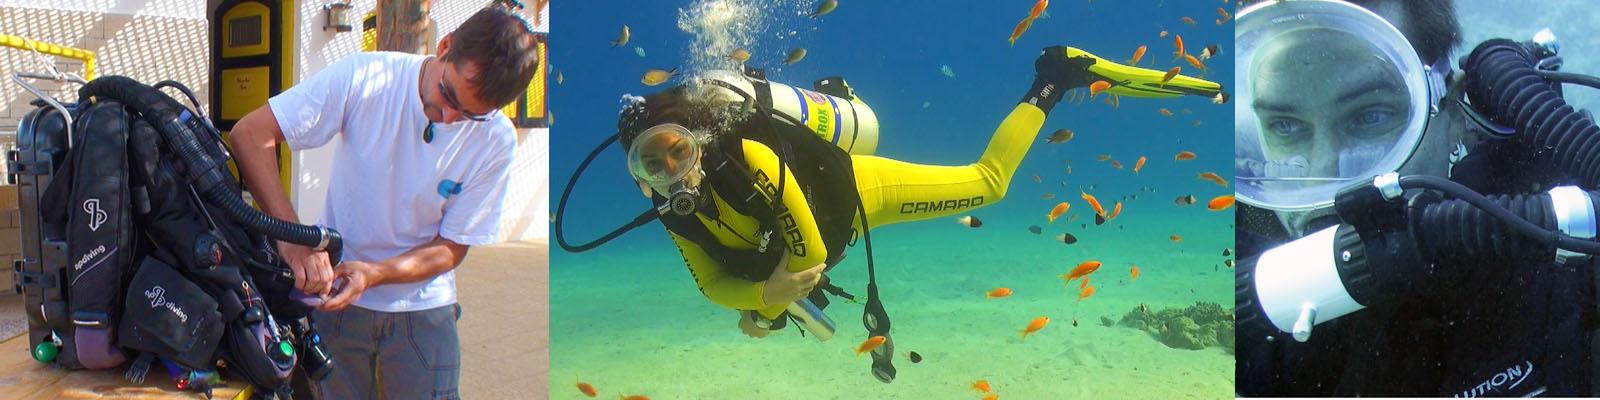 Unterwasser Kameramnn bluewaterfascination mit Unterwasser Modell